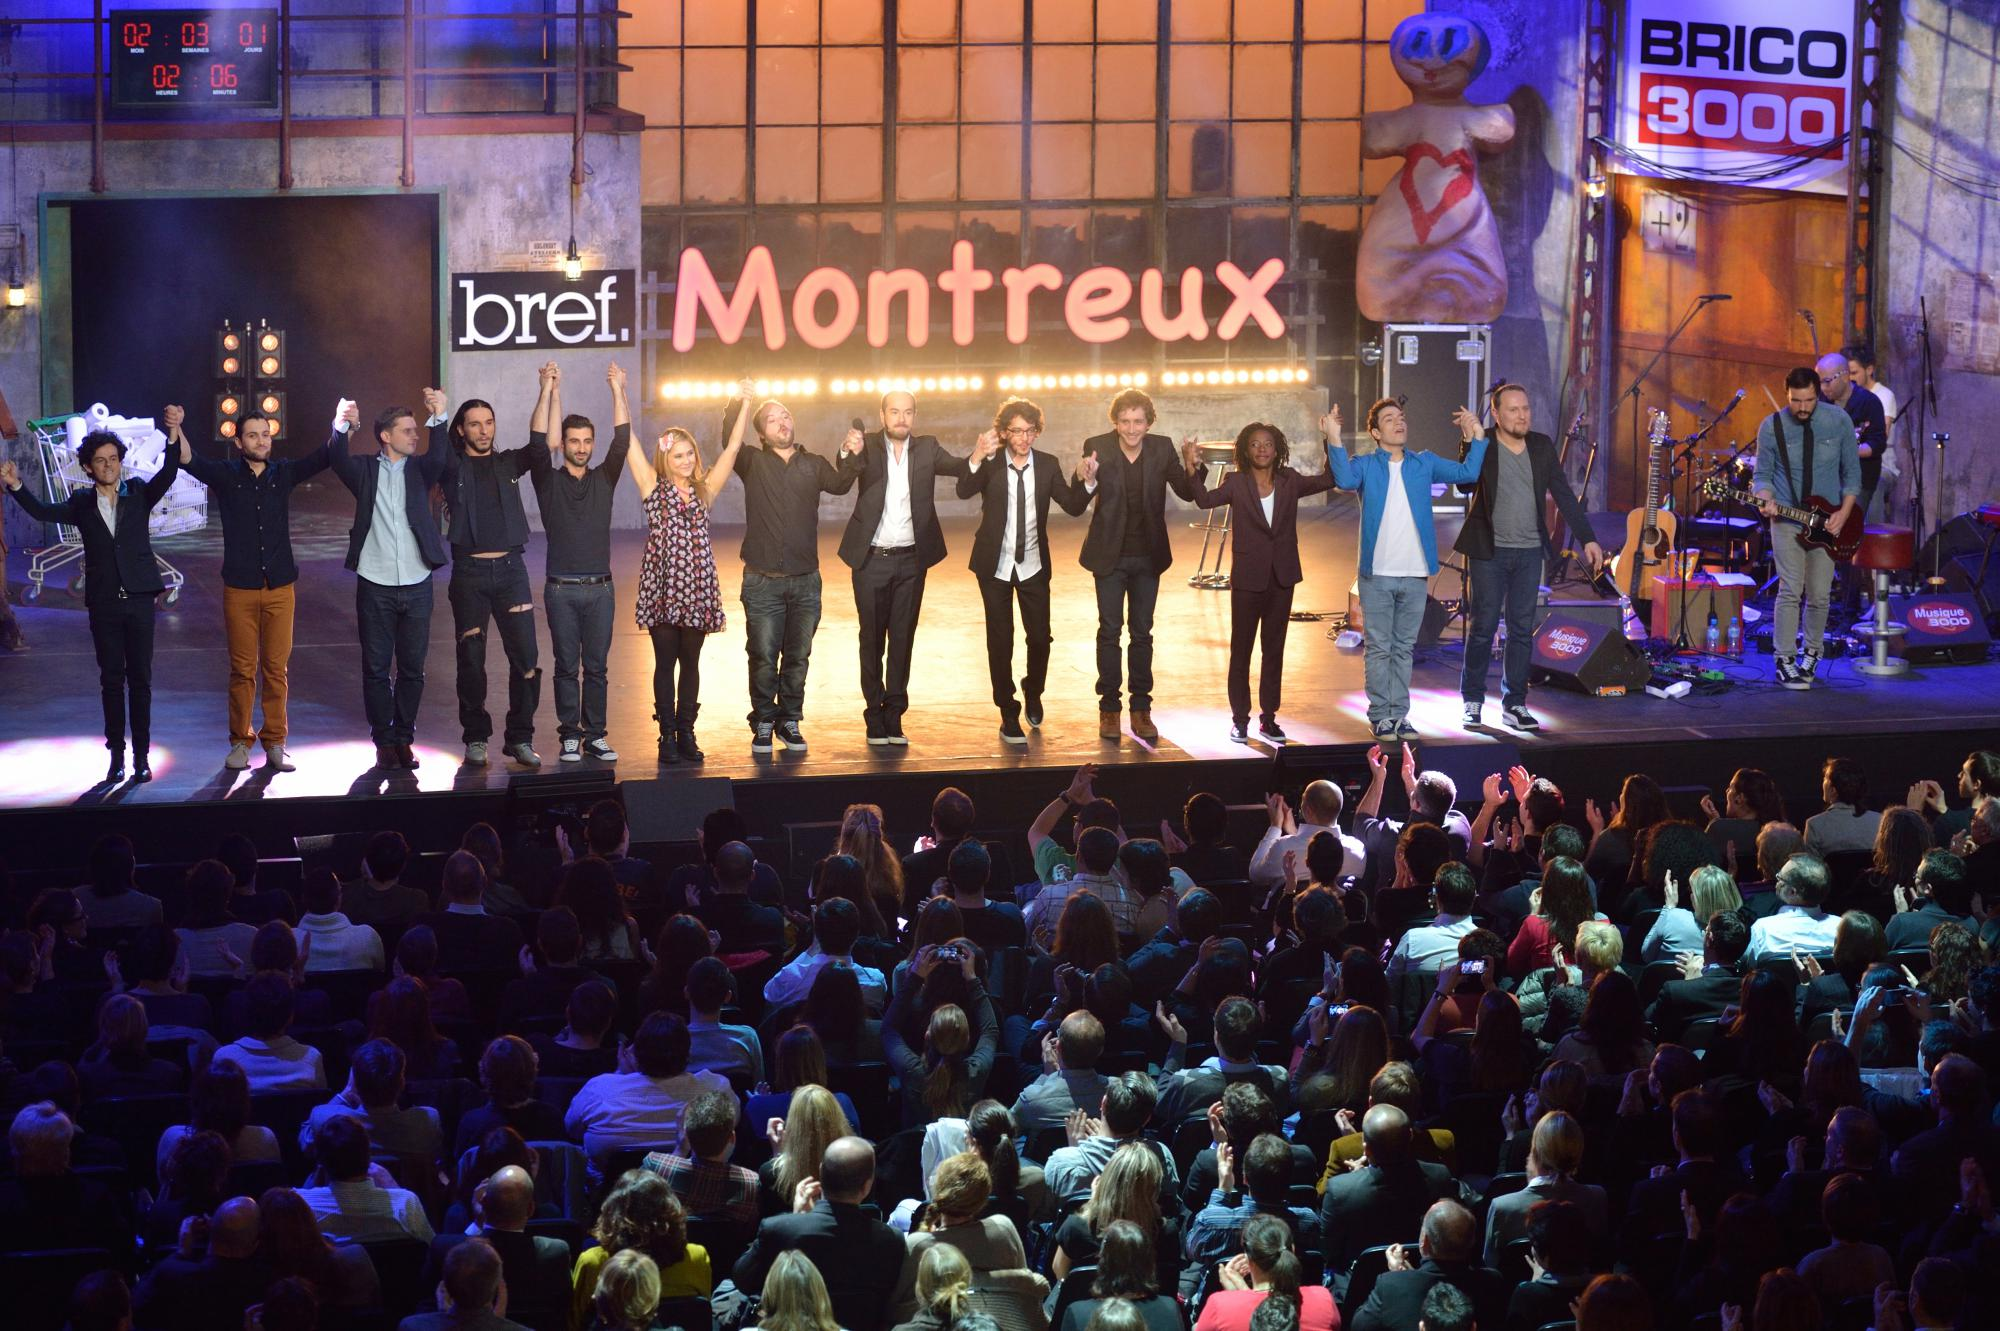 مهرجان مونترو للكوميديا 2019 montreux comedy 2019